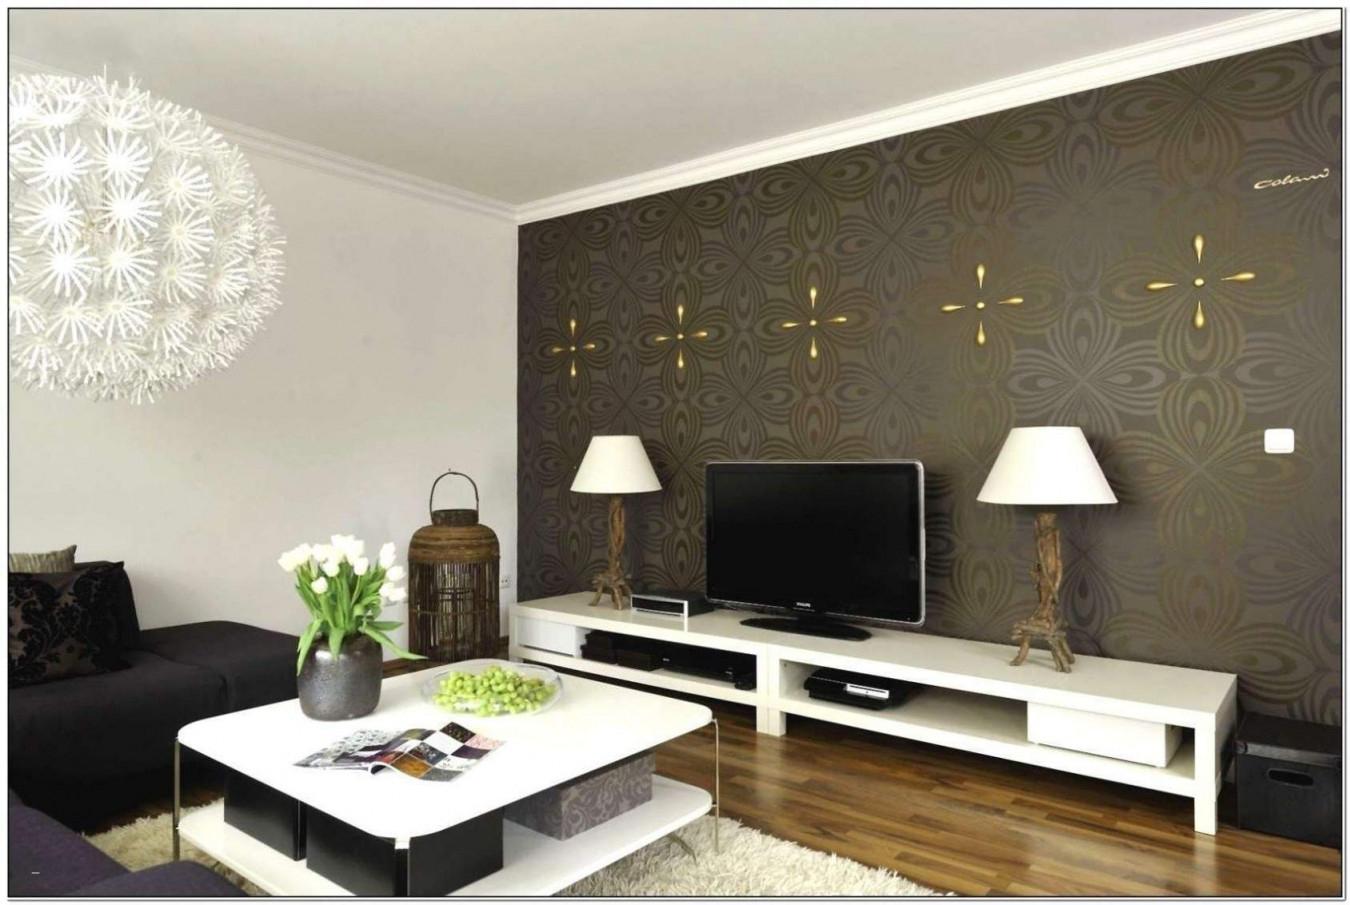 27 Elegant Wohnzimmer Tapeten Trends Genial  Wohnzimmer Frisch von Tapeten Trends Wohnzimmer Bild